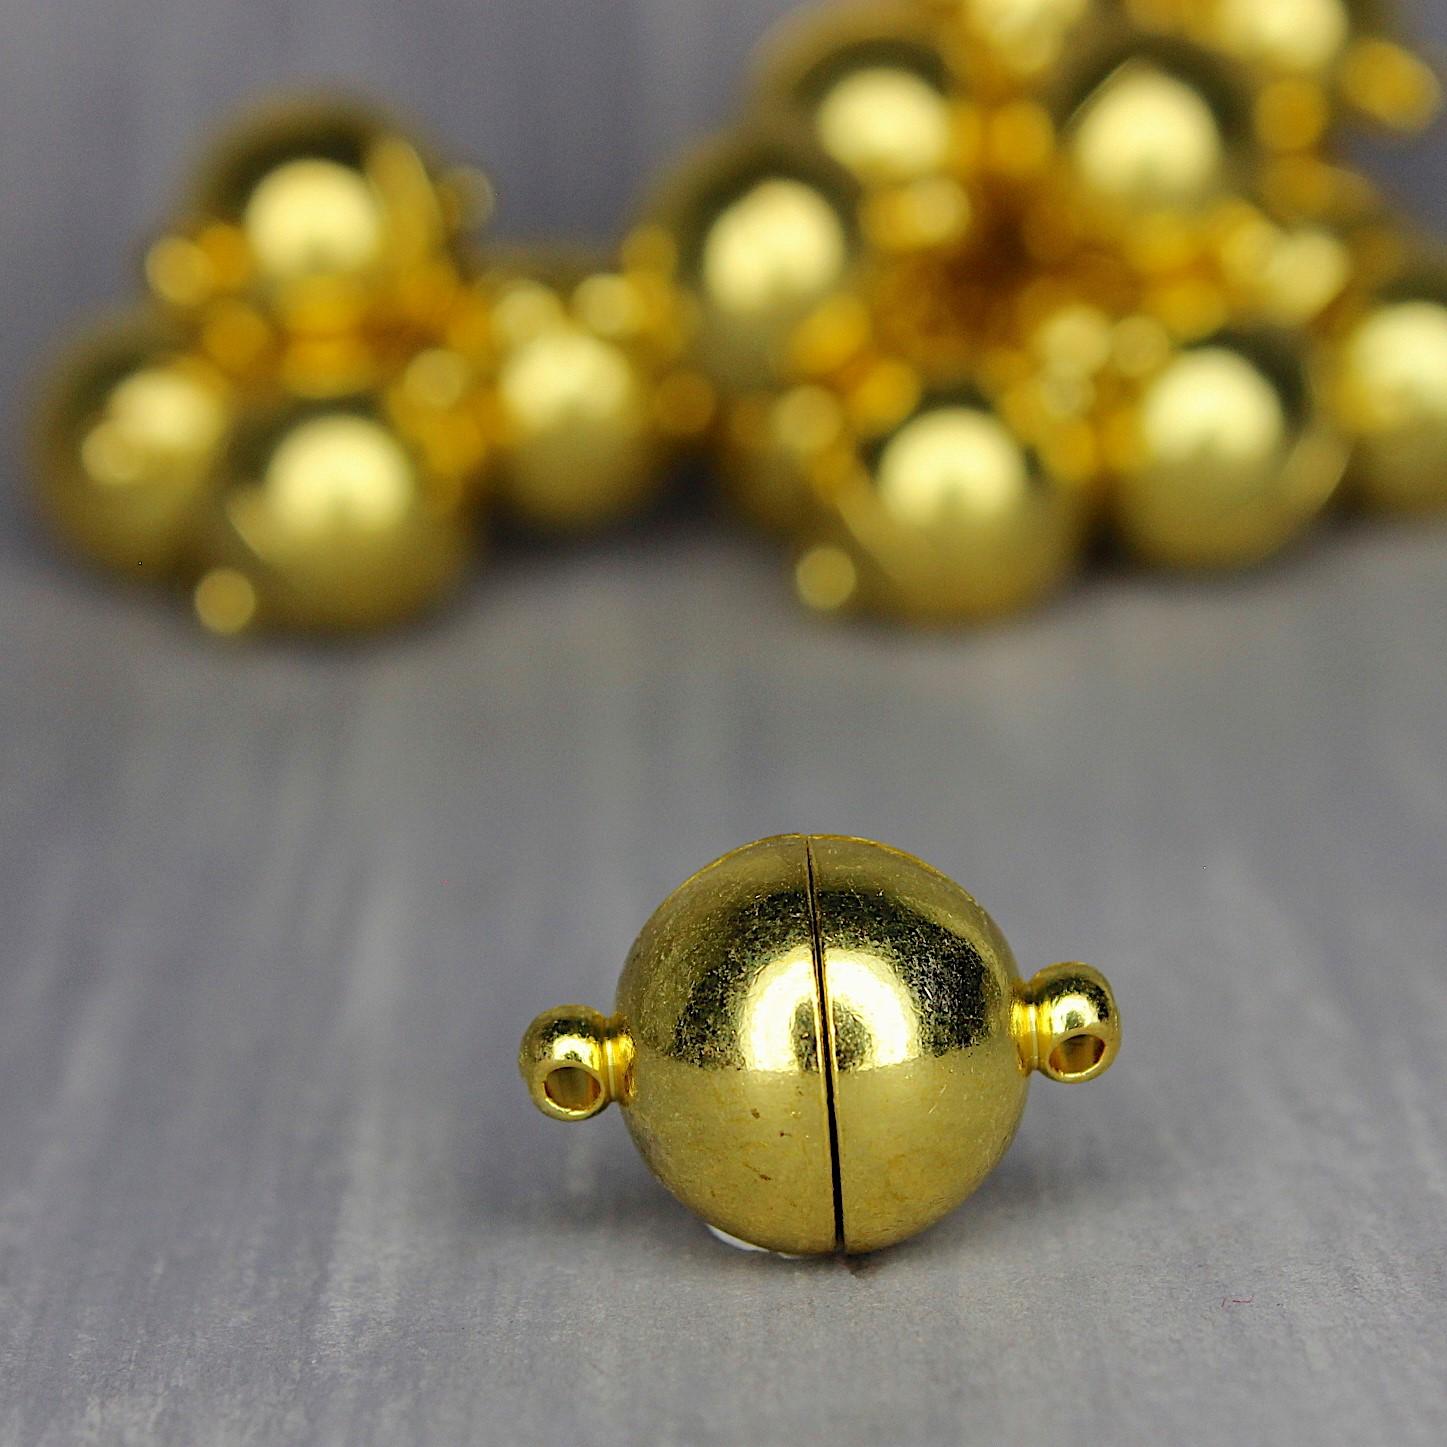 goldig glänzend 12mm